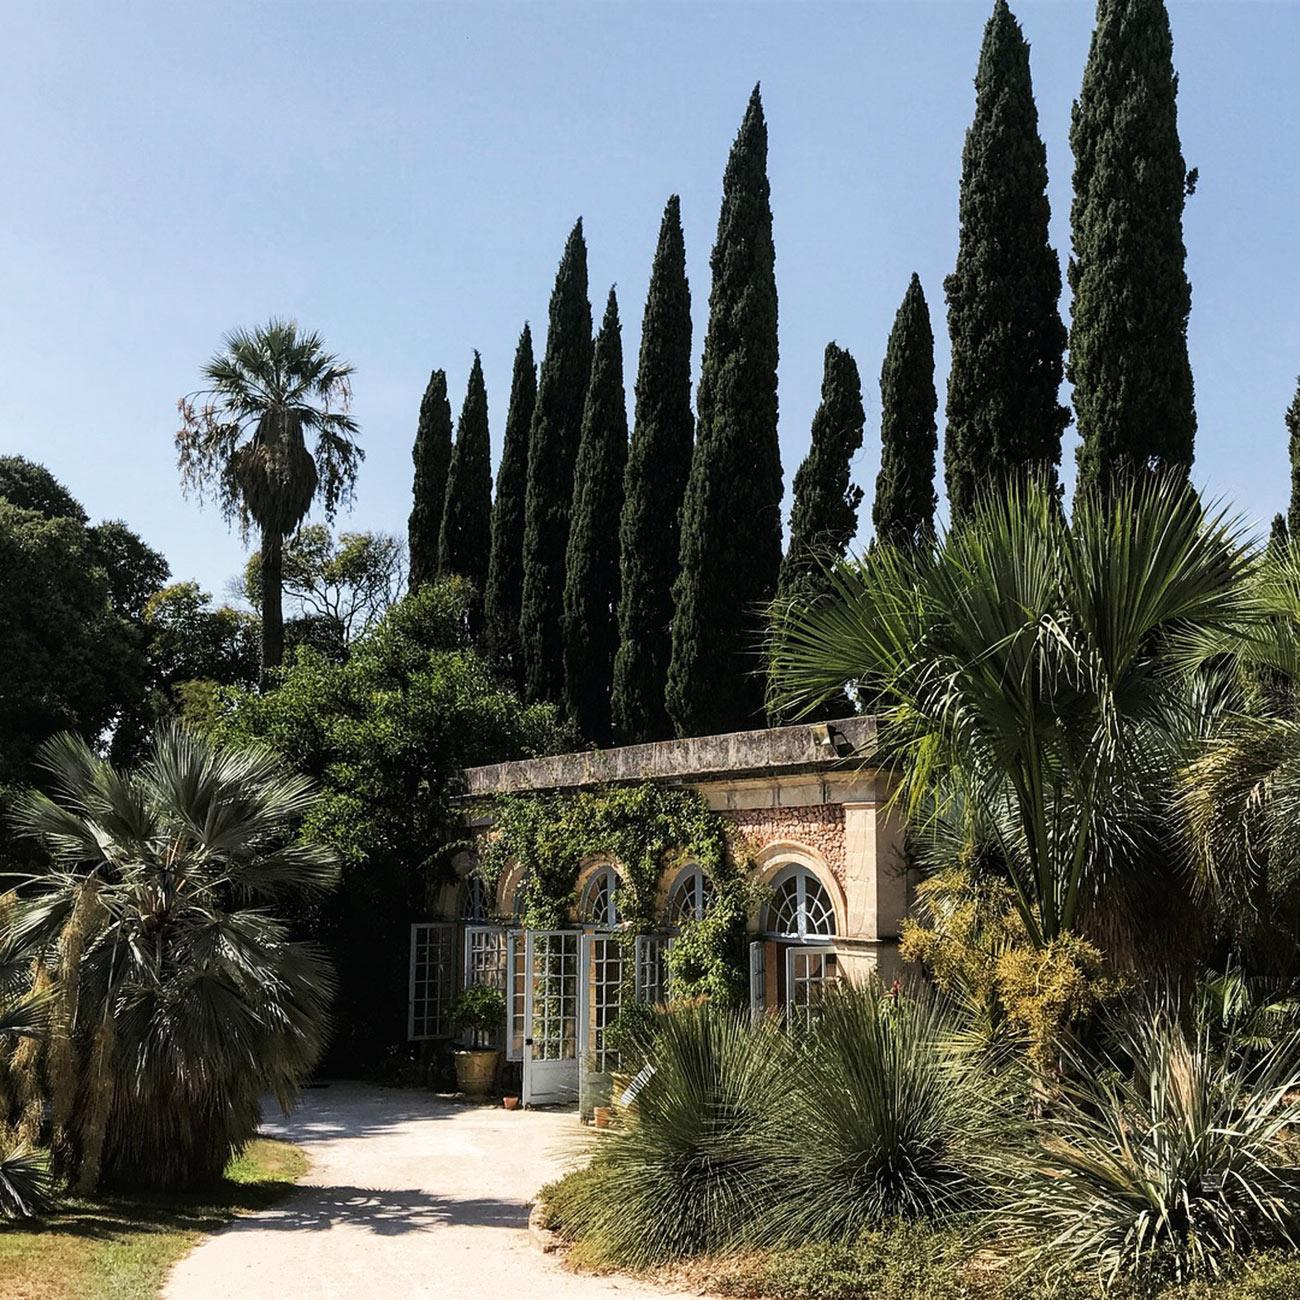 JARDINS DU CHATEAU DE FLAUGERGUES - Orangerie et massifs exotique - Atelier Naudier -Architecte Paysagiste concepteur - Montpellier & Aix en Provence